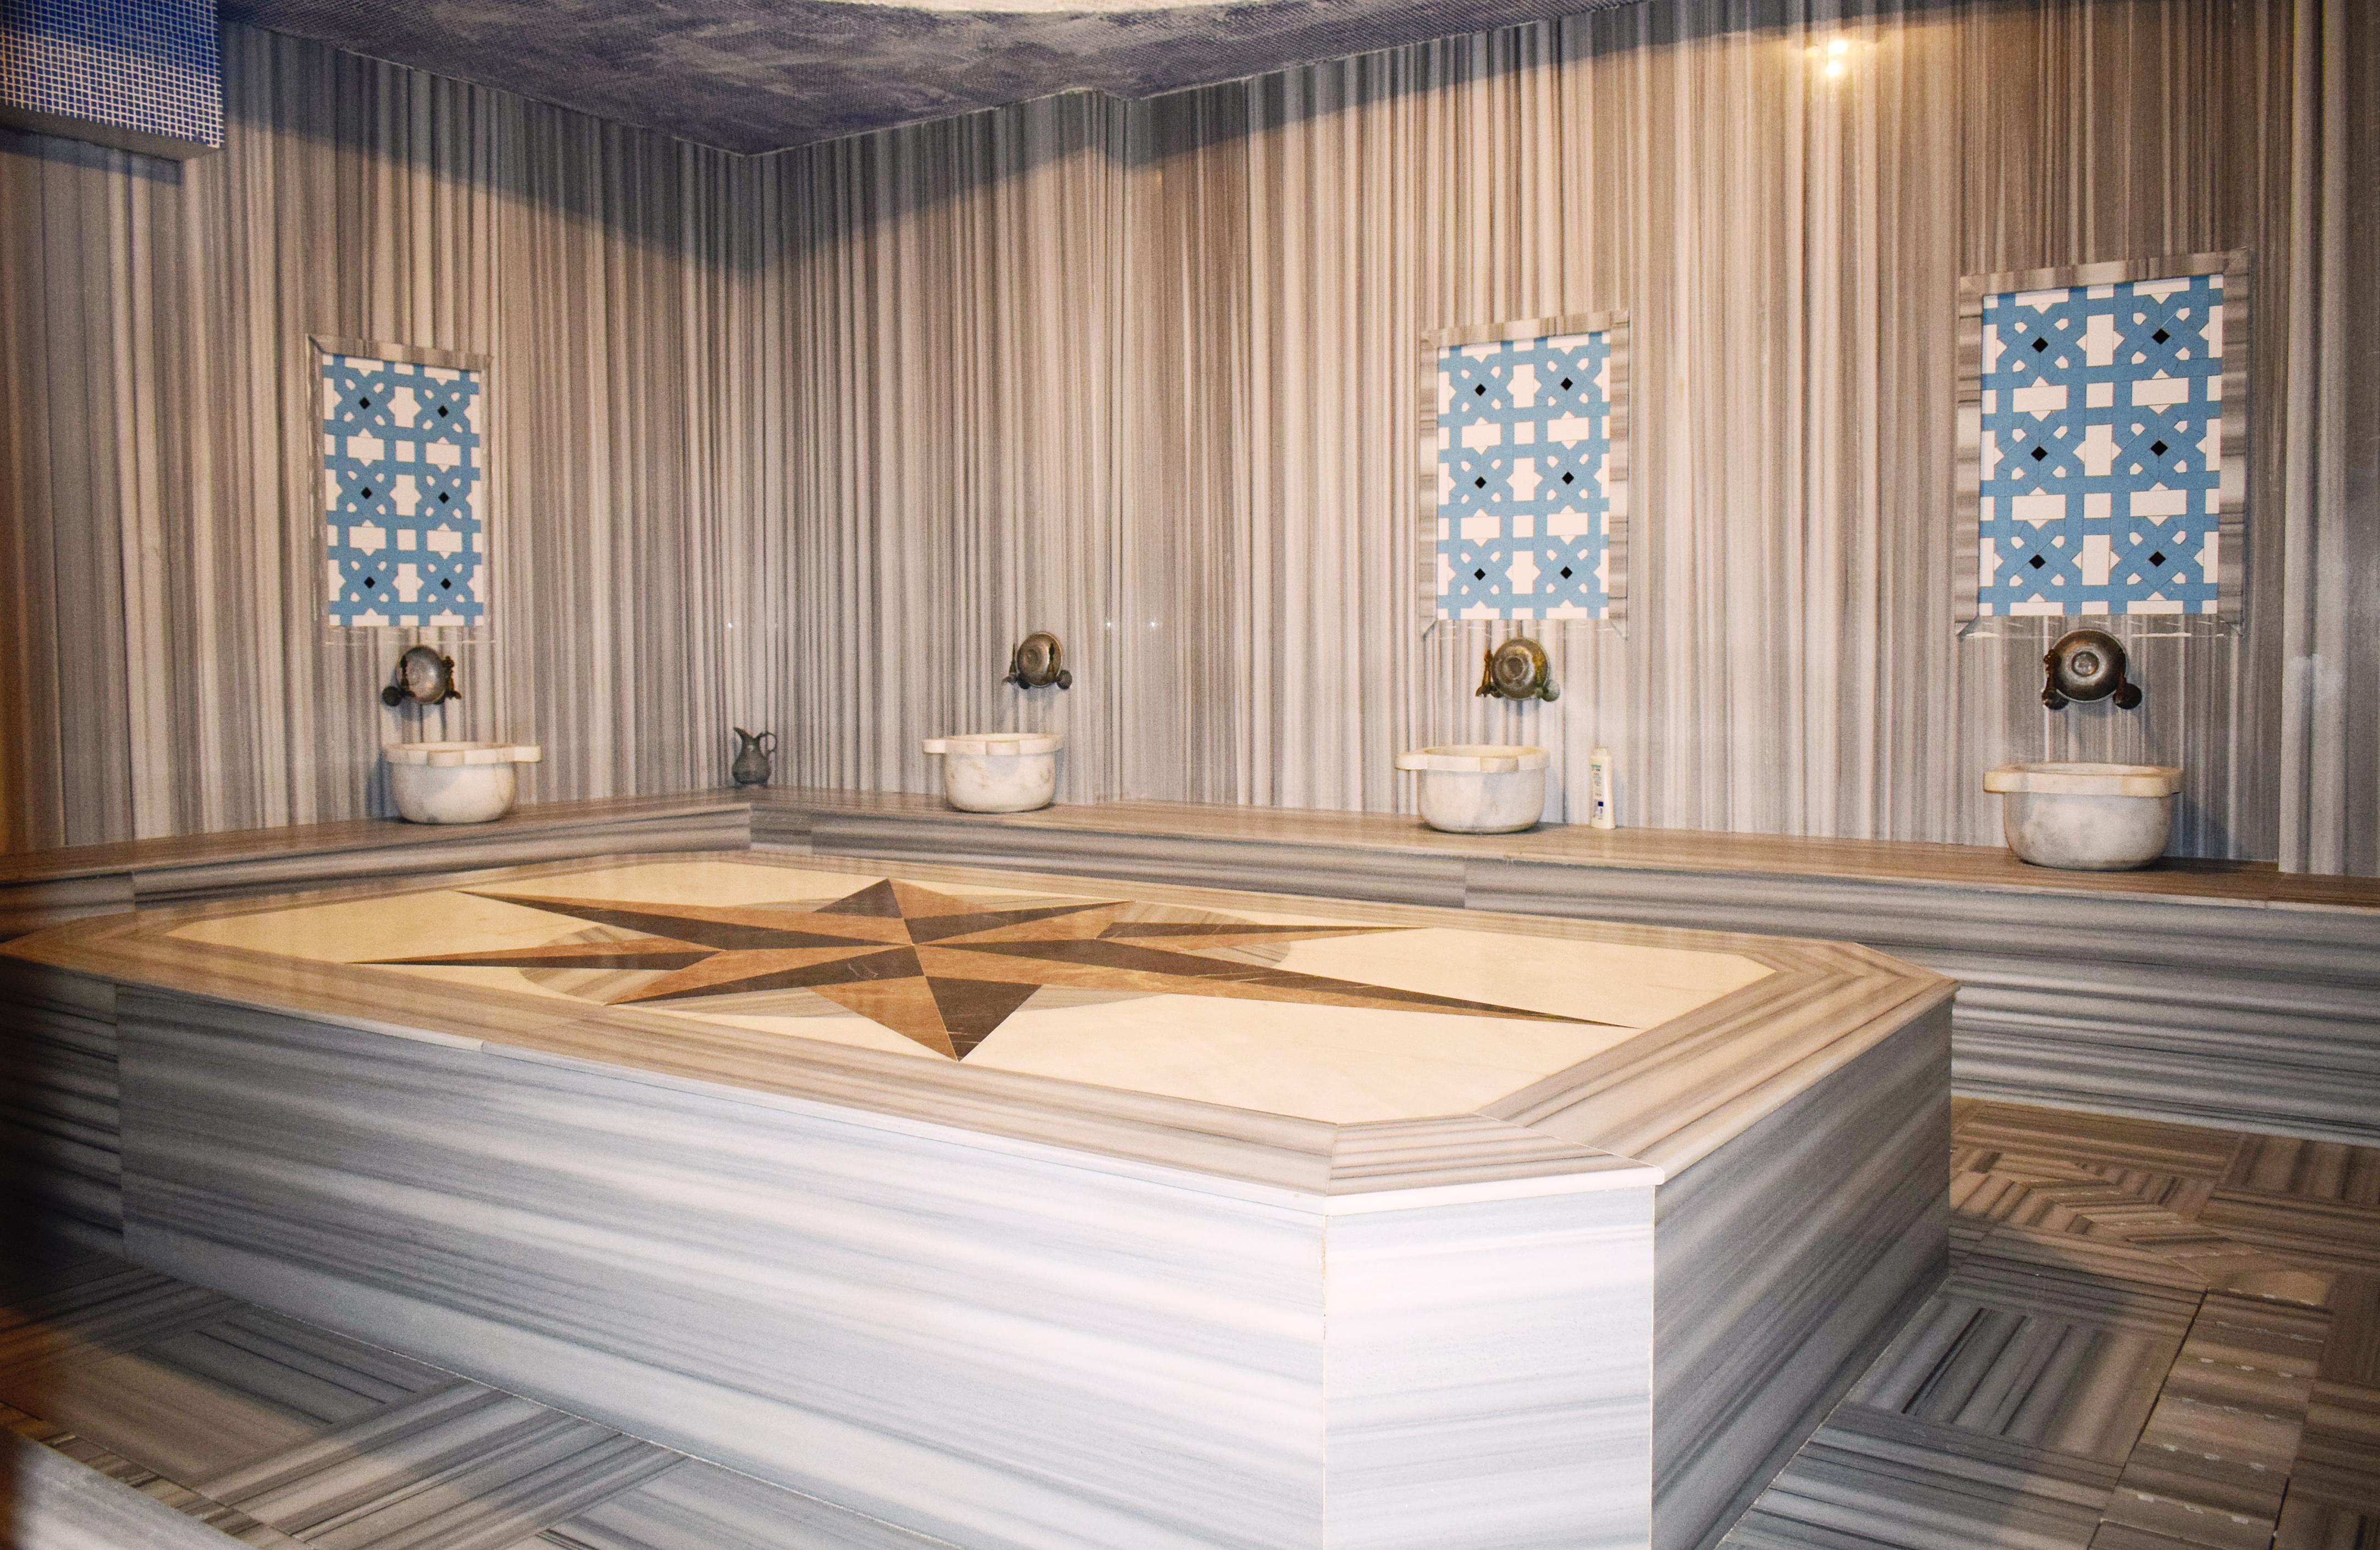 Ferienwohnung Gerumige 2 Schlafzimmer fr 5 mit Blick auf die Berge Gratis Wifi (2782161), Çakirlar, , Mittelmeerregion, Türkei, Bild 16